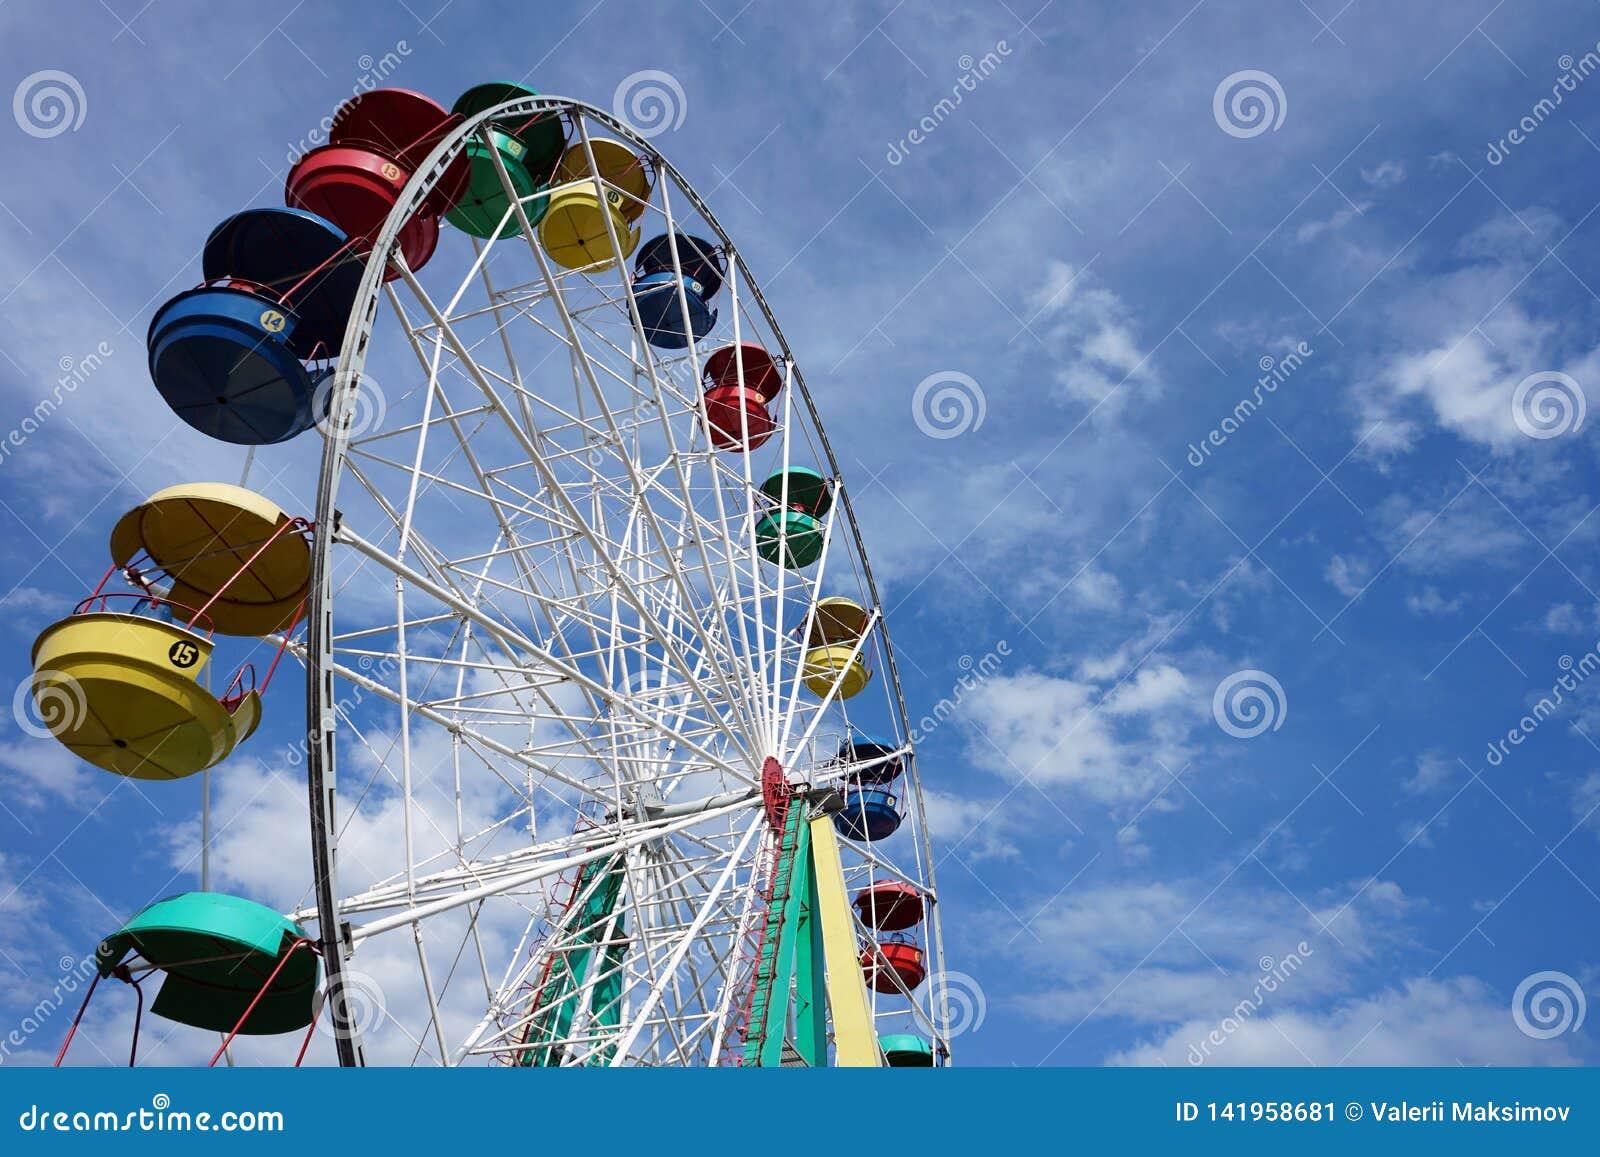 Aantrekkelijkheid Ferris Wheel op een blauwe hemelachtergrond